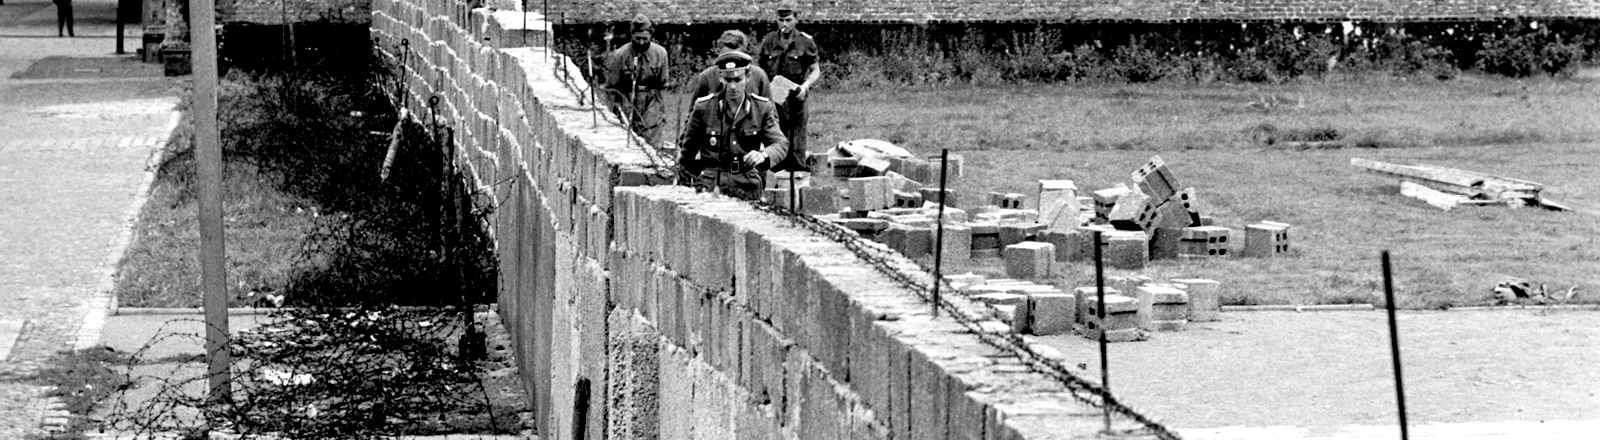 An einer Straße wird entlang eines Bürgersteigs eine Mauer gebaut, davor liegen Rollen von Stacheldraht